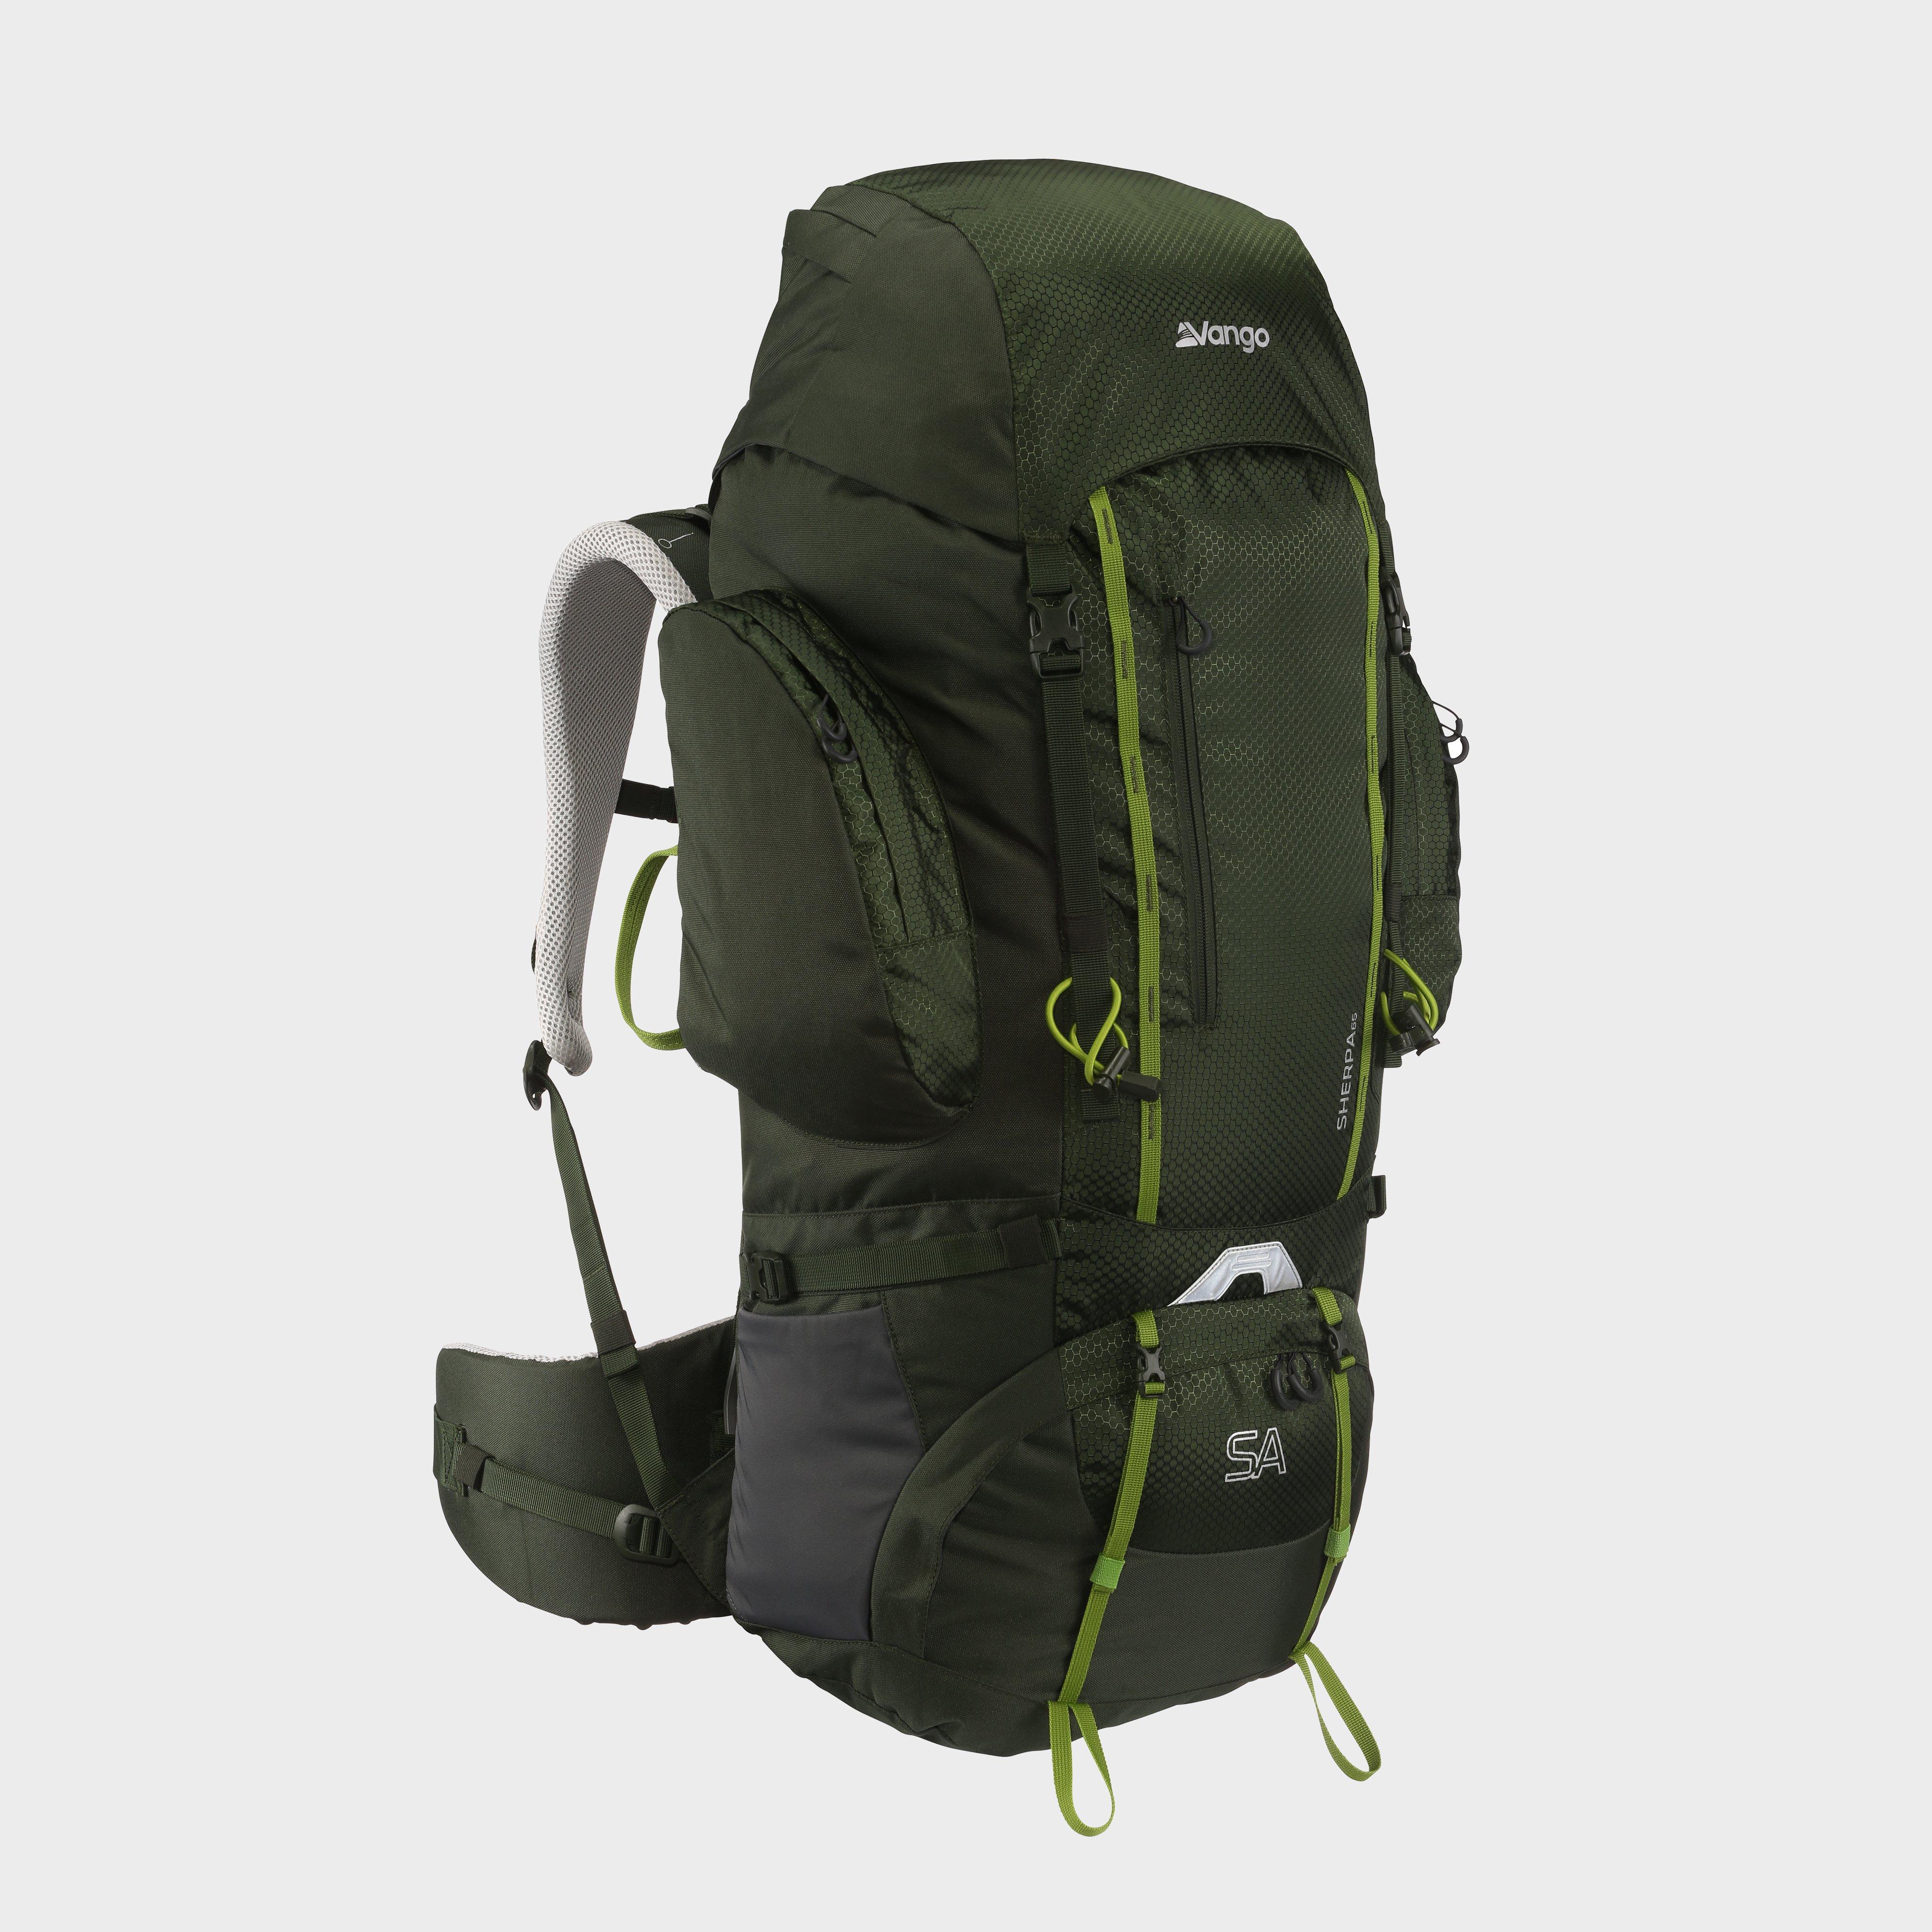 Vango Sherpa 65 Rucksack, Green